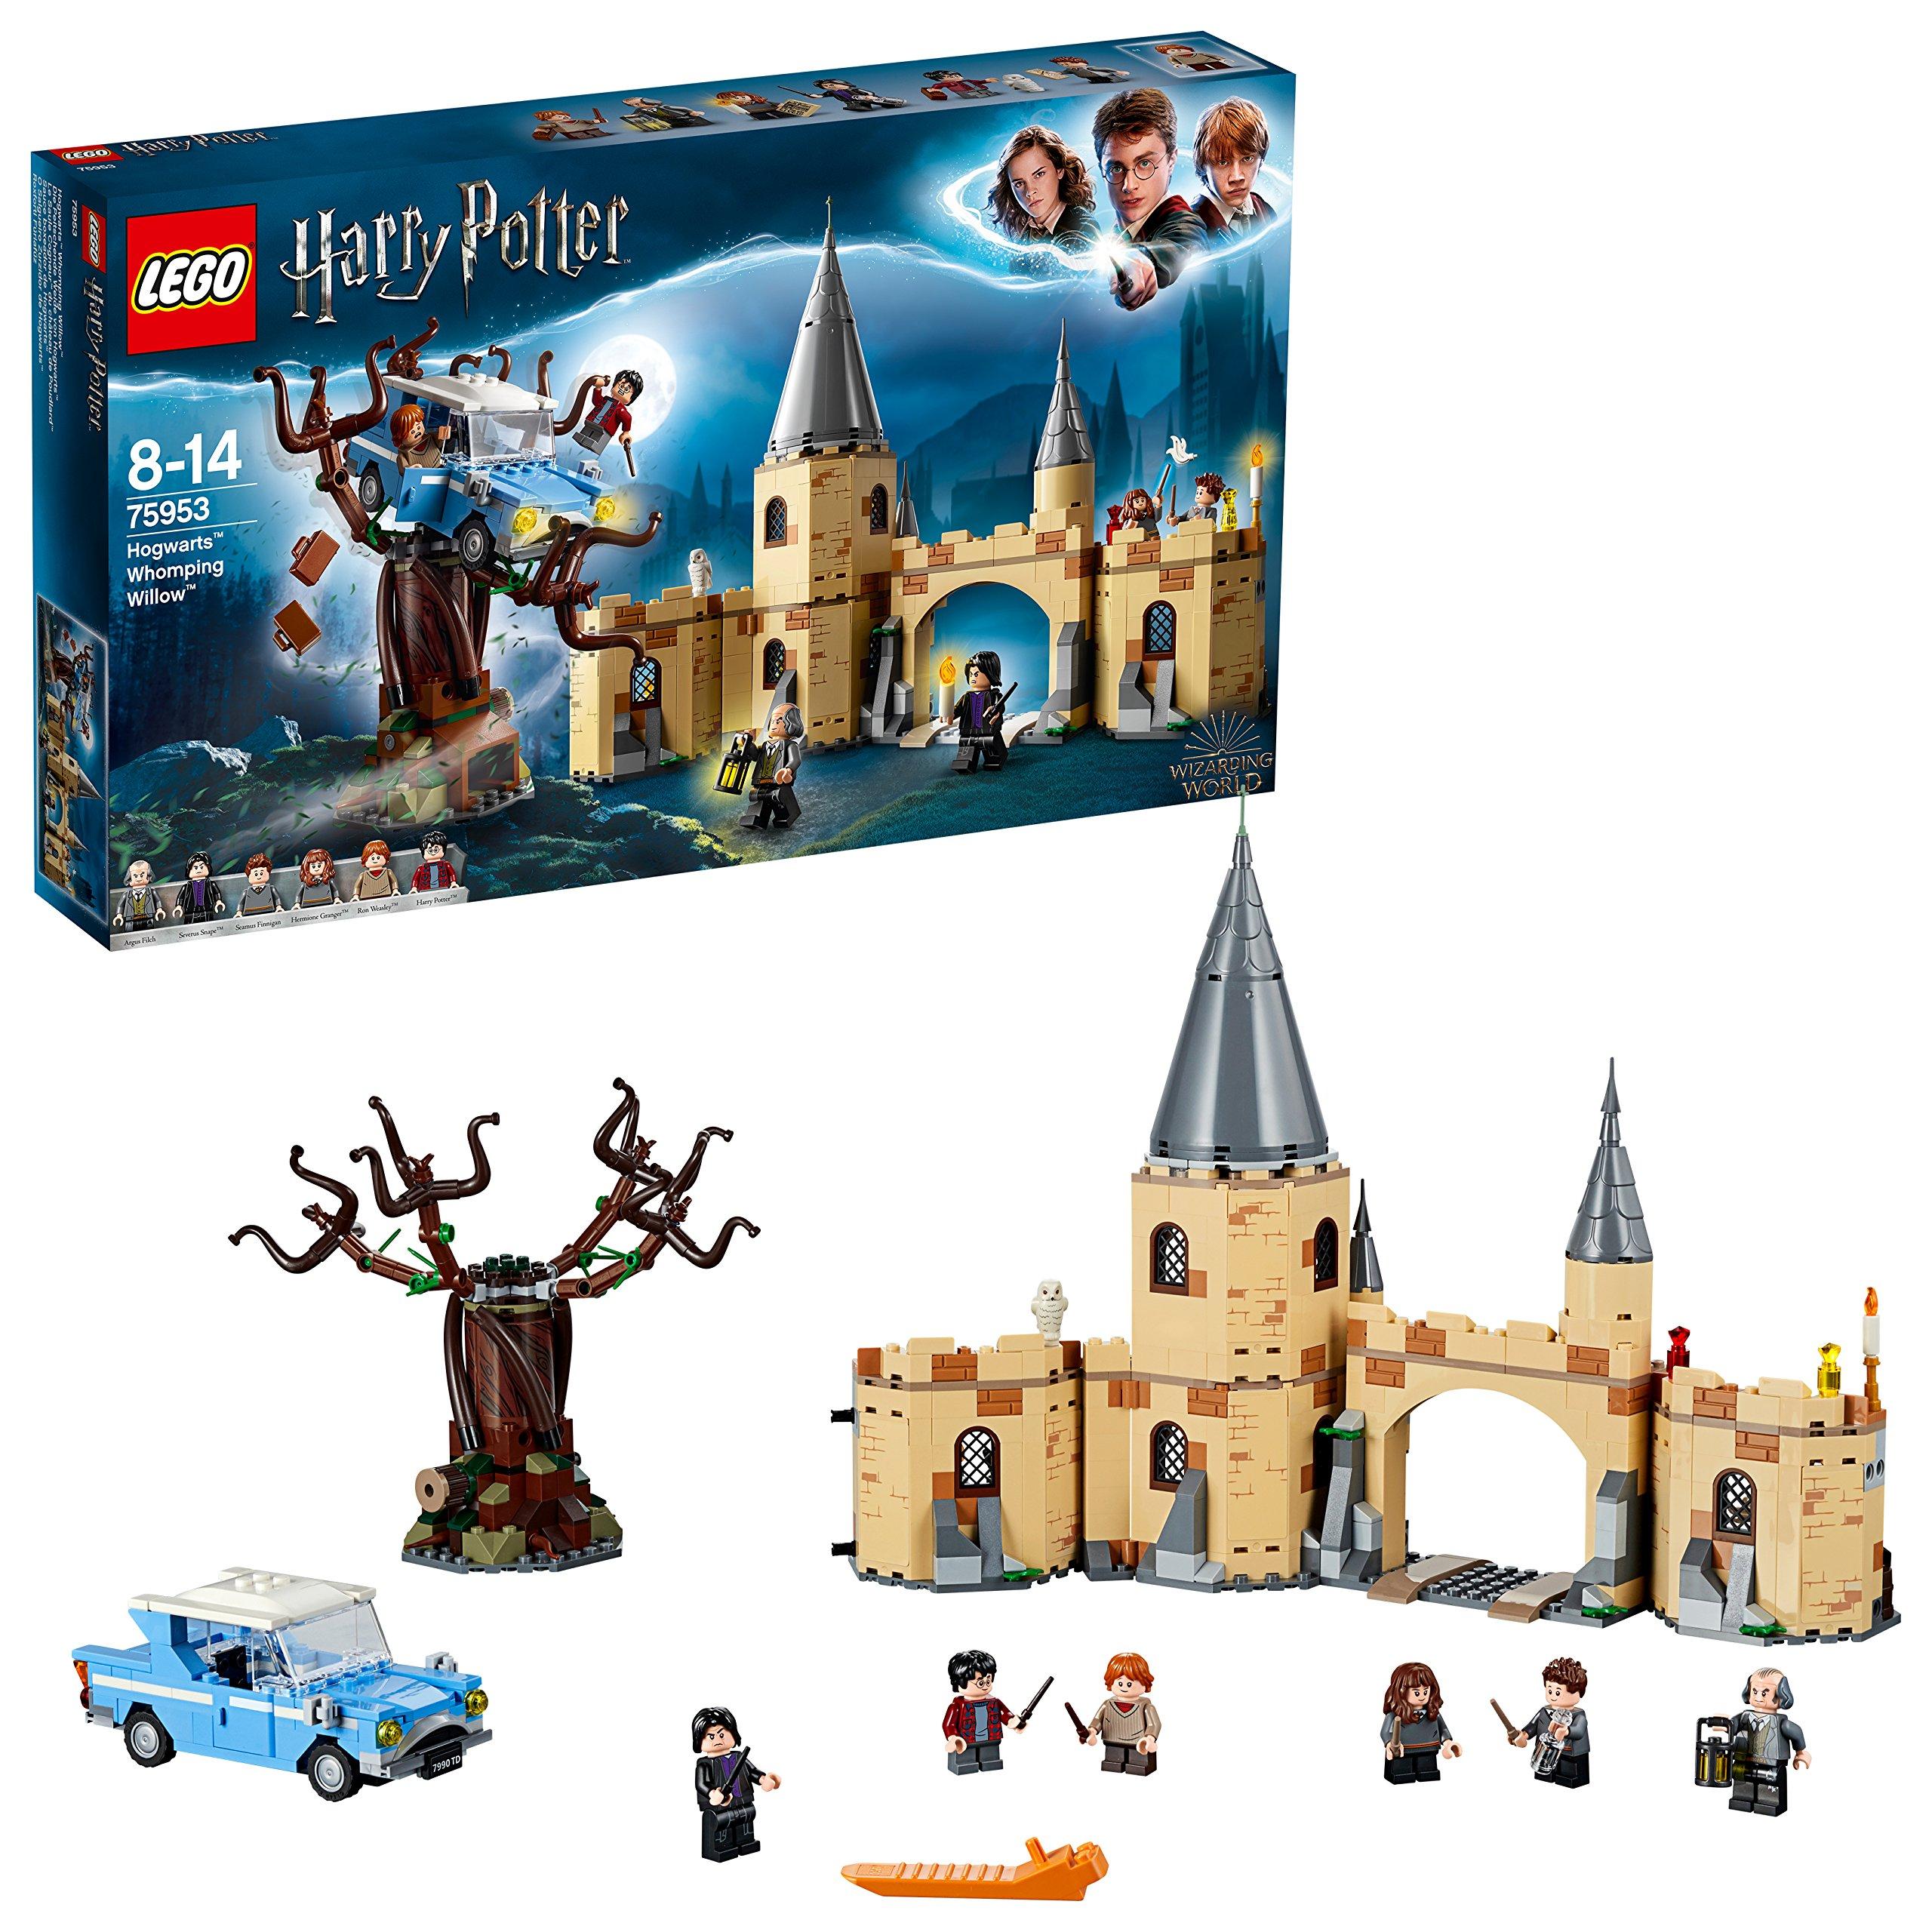 LEGO Harry Potter – Sauce Boxeador de Hogwarts, Juguete de Construcción del Mundo Mágico con Minifiguras de Harry Potter, Ron Weasley, Hermione Granger, Severus Snape y Otros Personajes (75953)